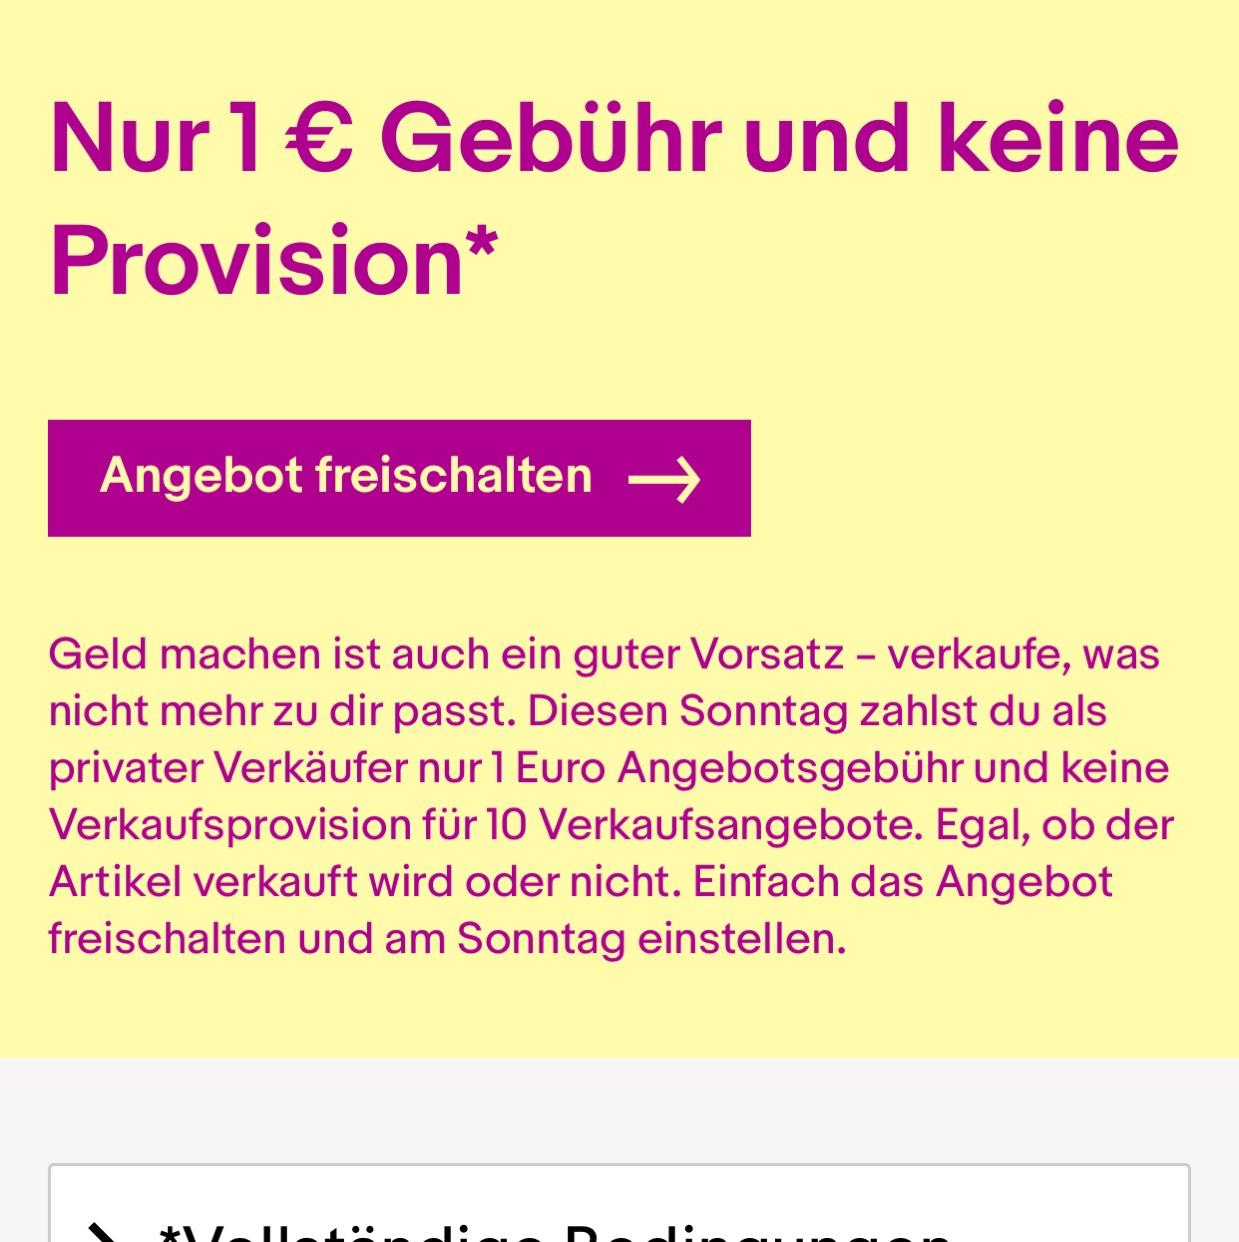 eBay - Nur 1 € Gebühr und keine Provision am Sonntag 07.01.18!